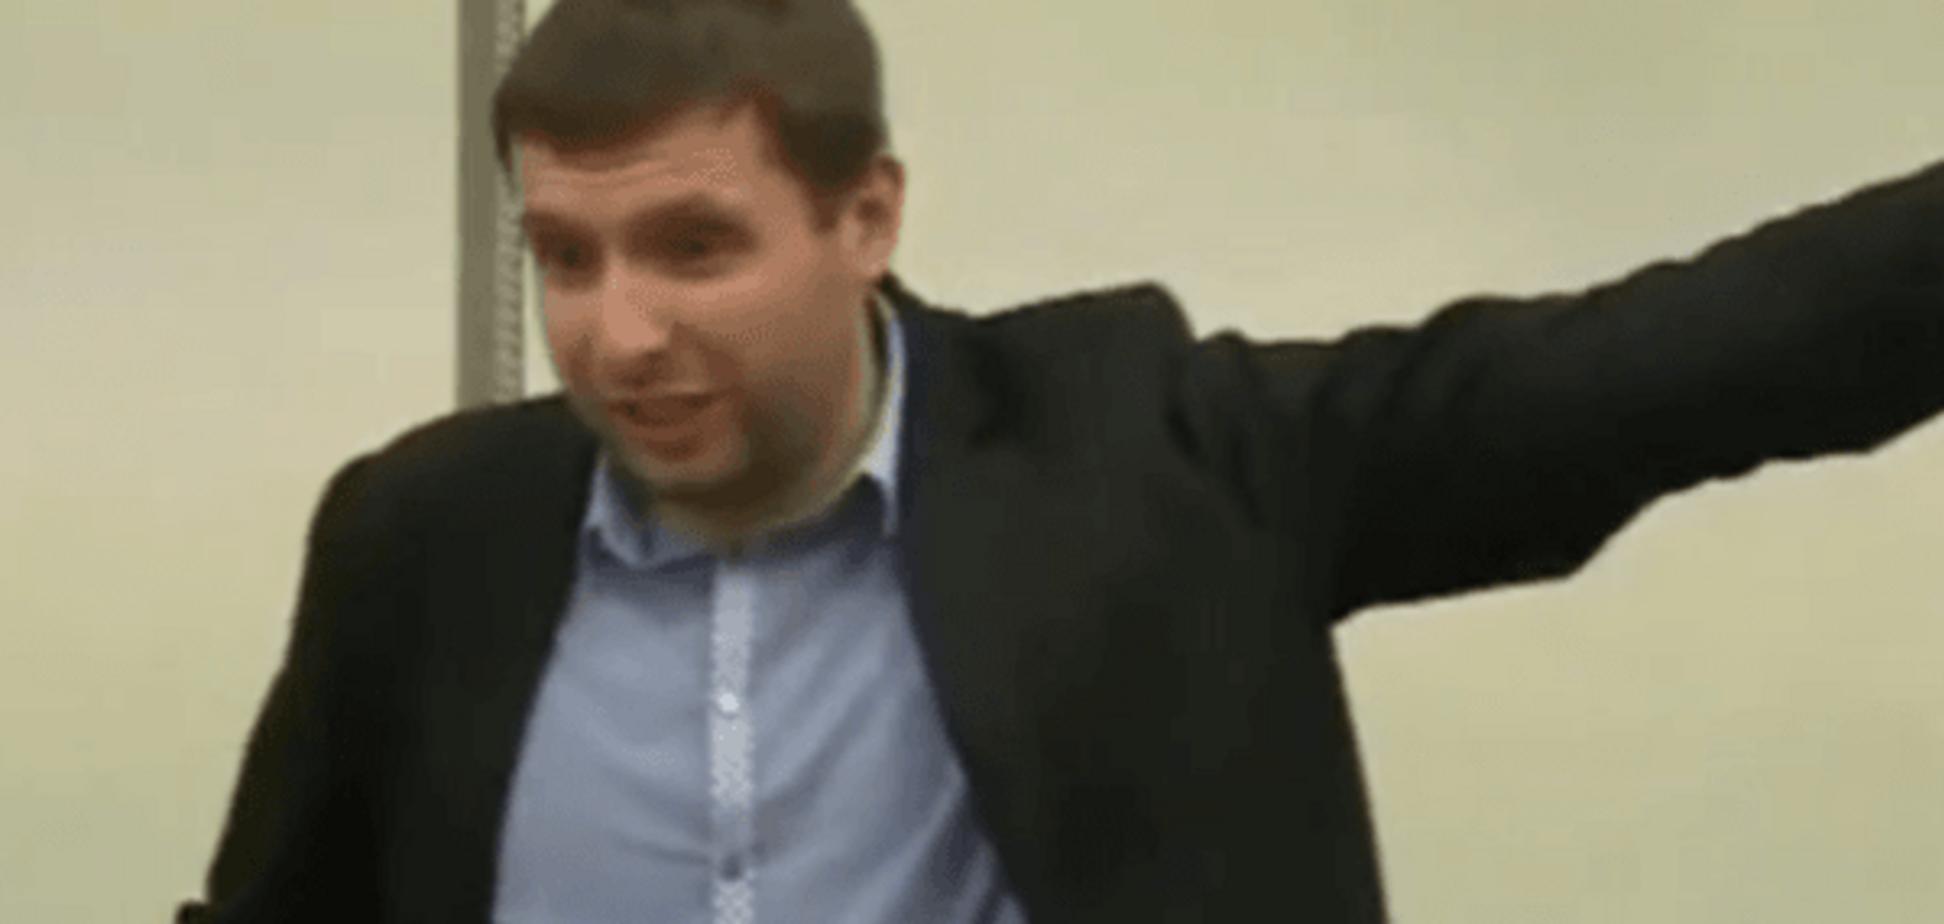 'Ви брехун': невгамовний Парасюк зірвав брифінг Генпрокуратури. Відеофакт